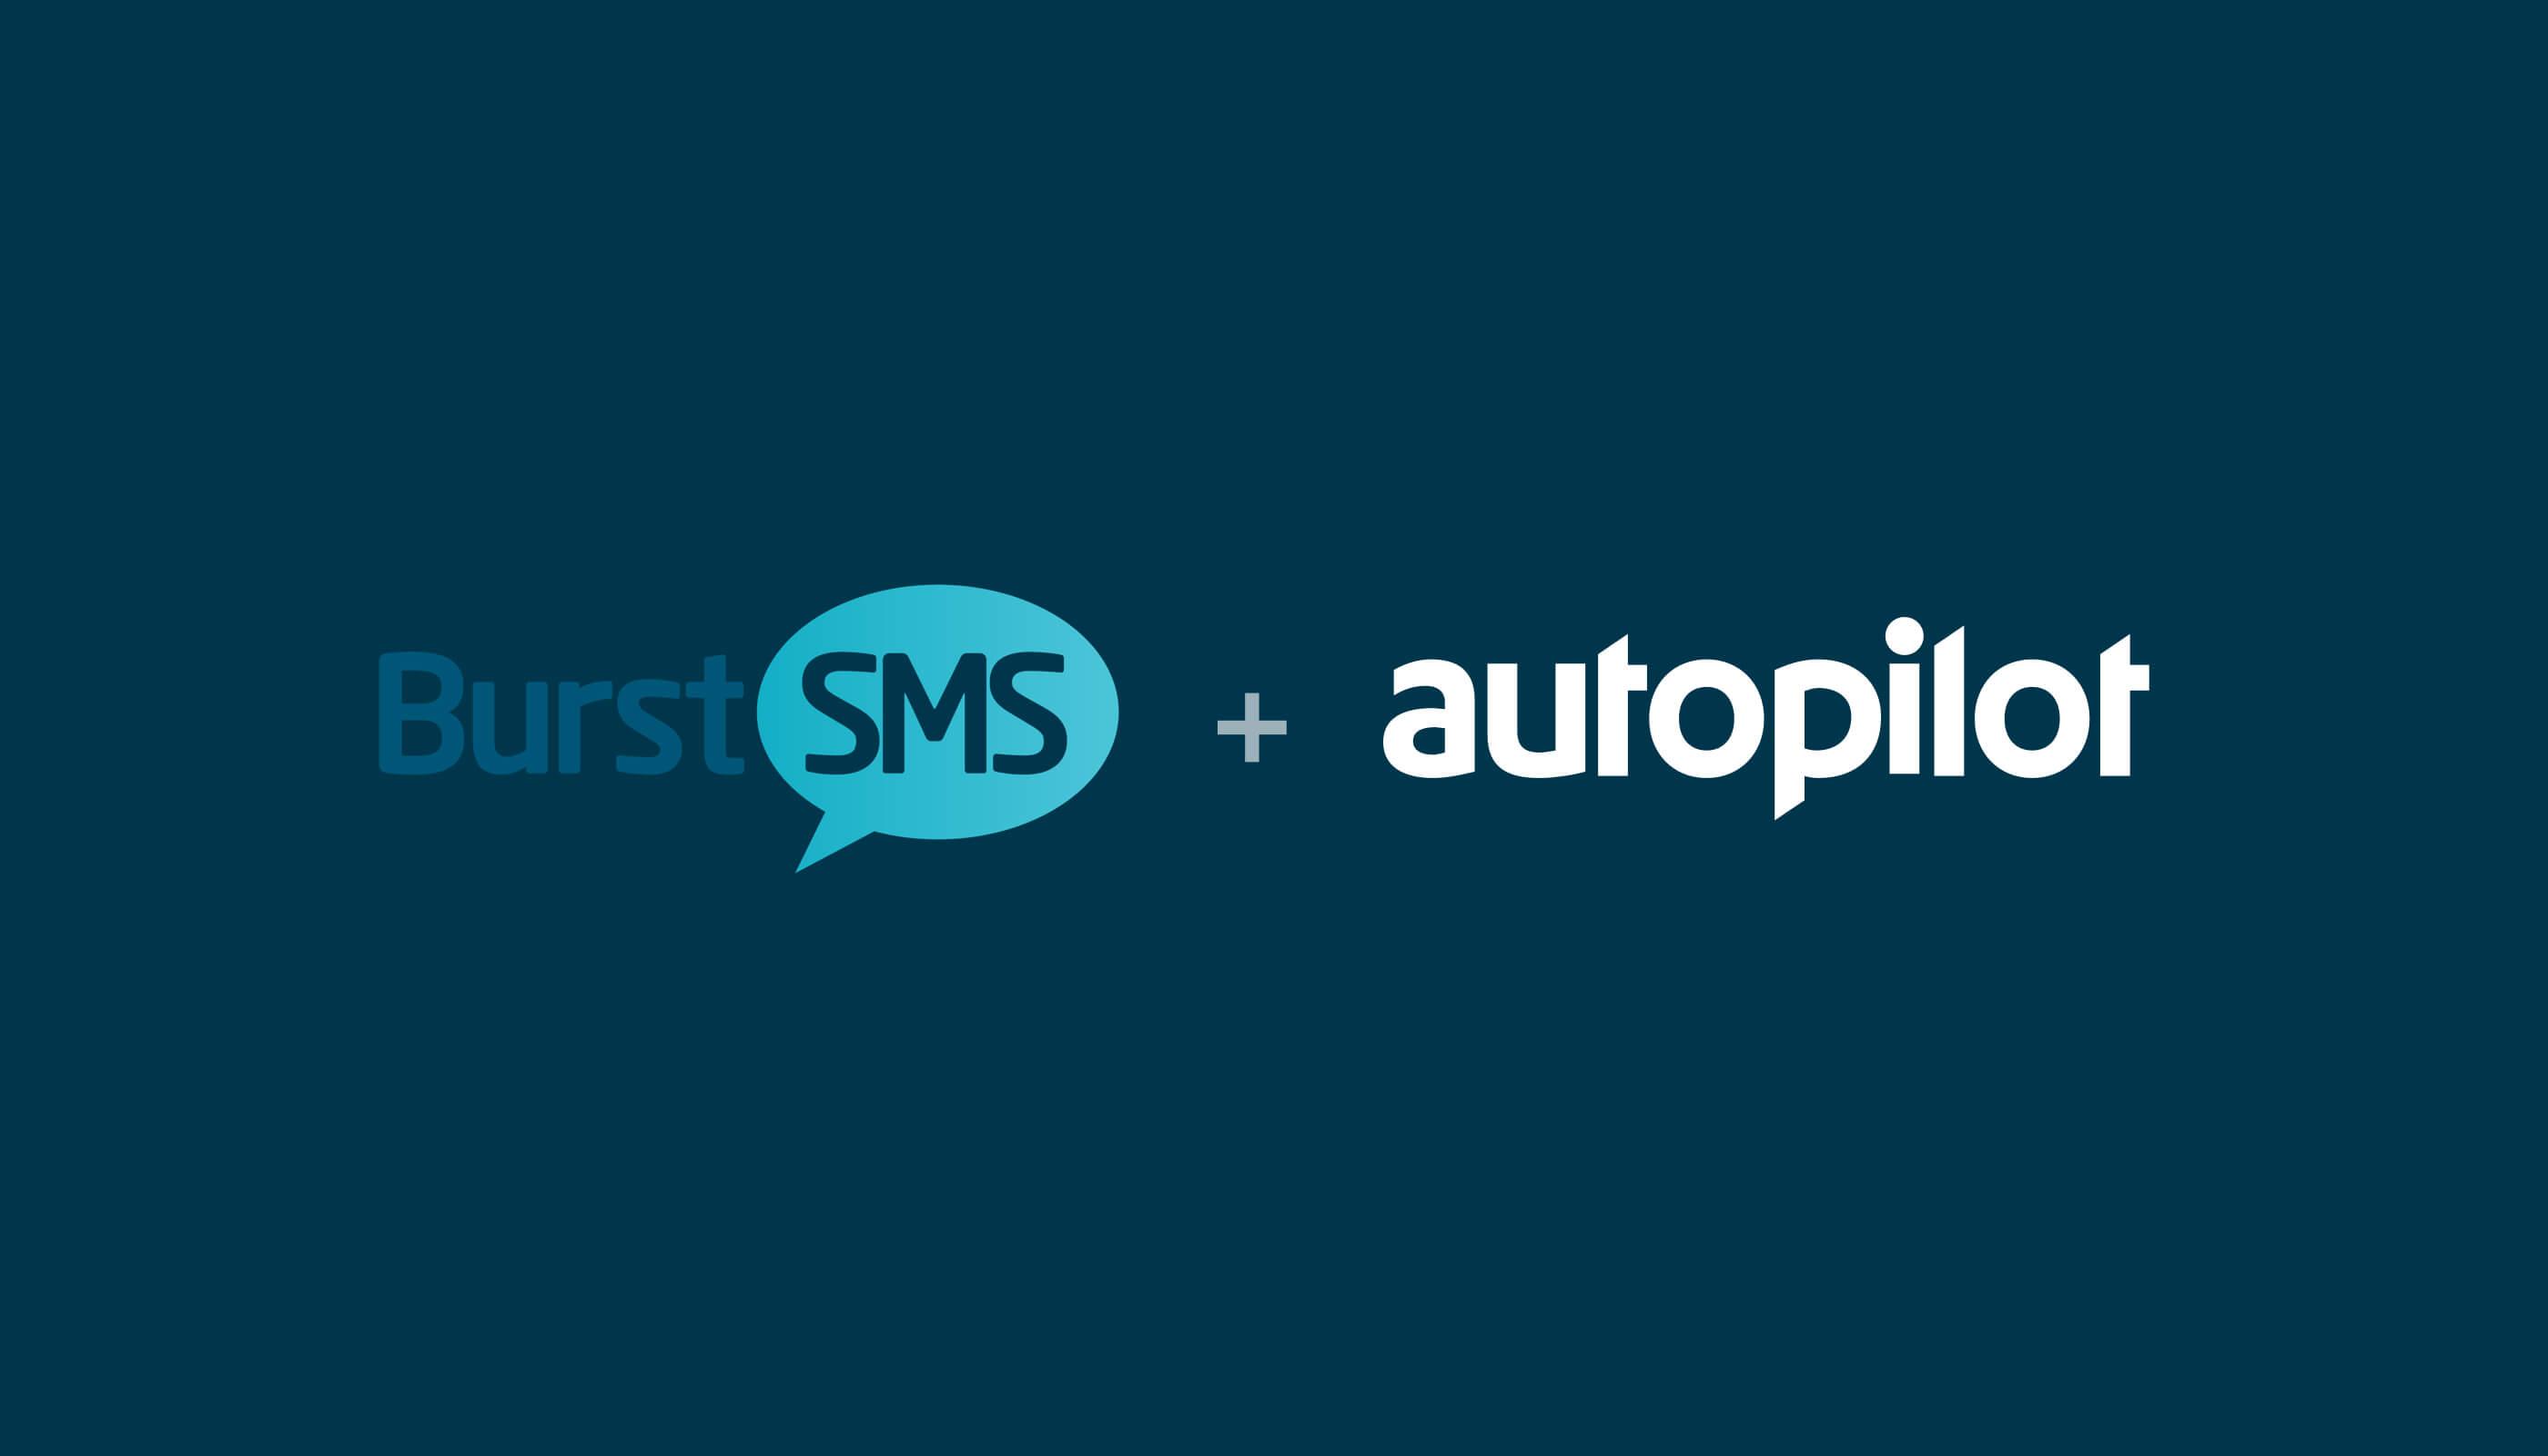 burst sms + autopilot